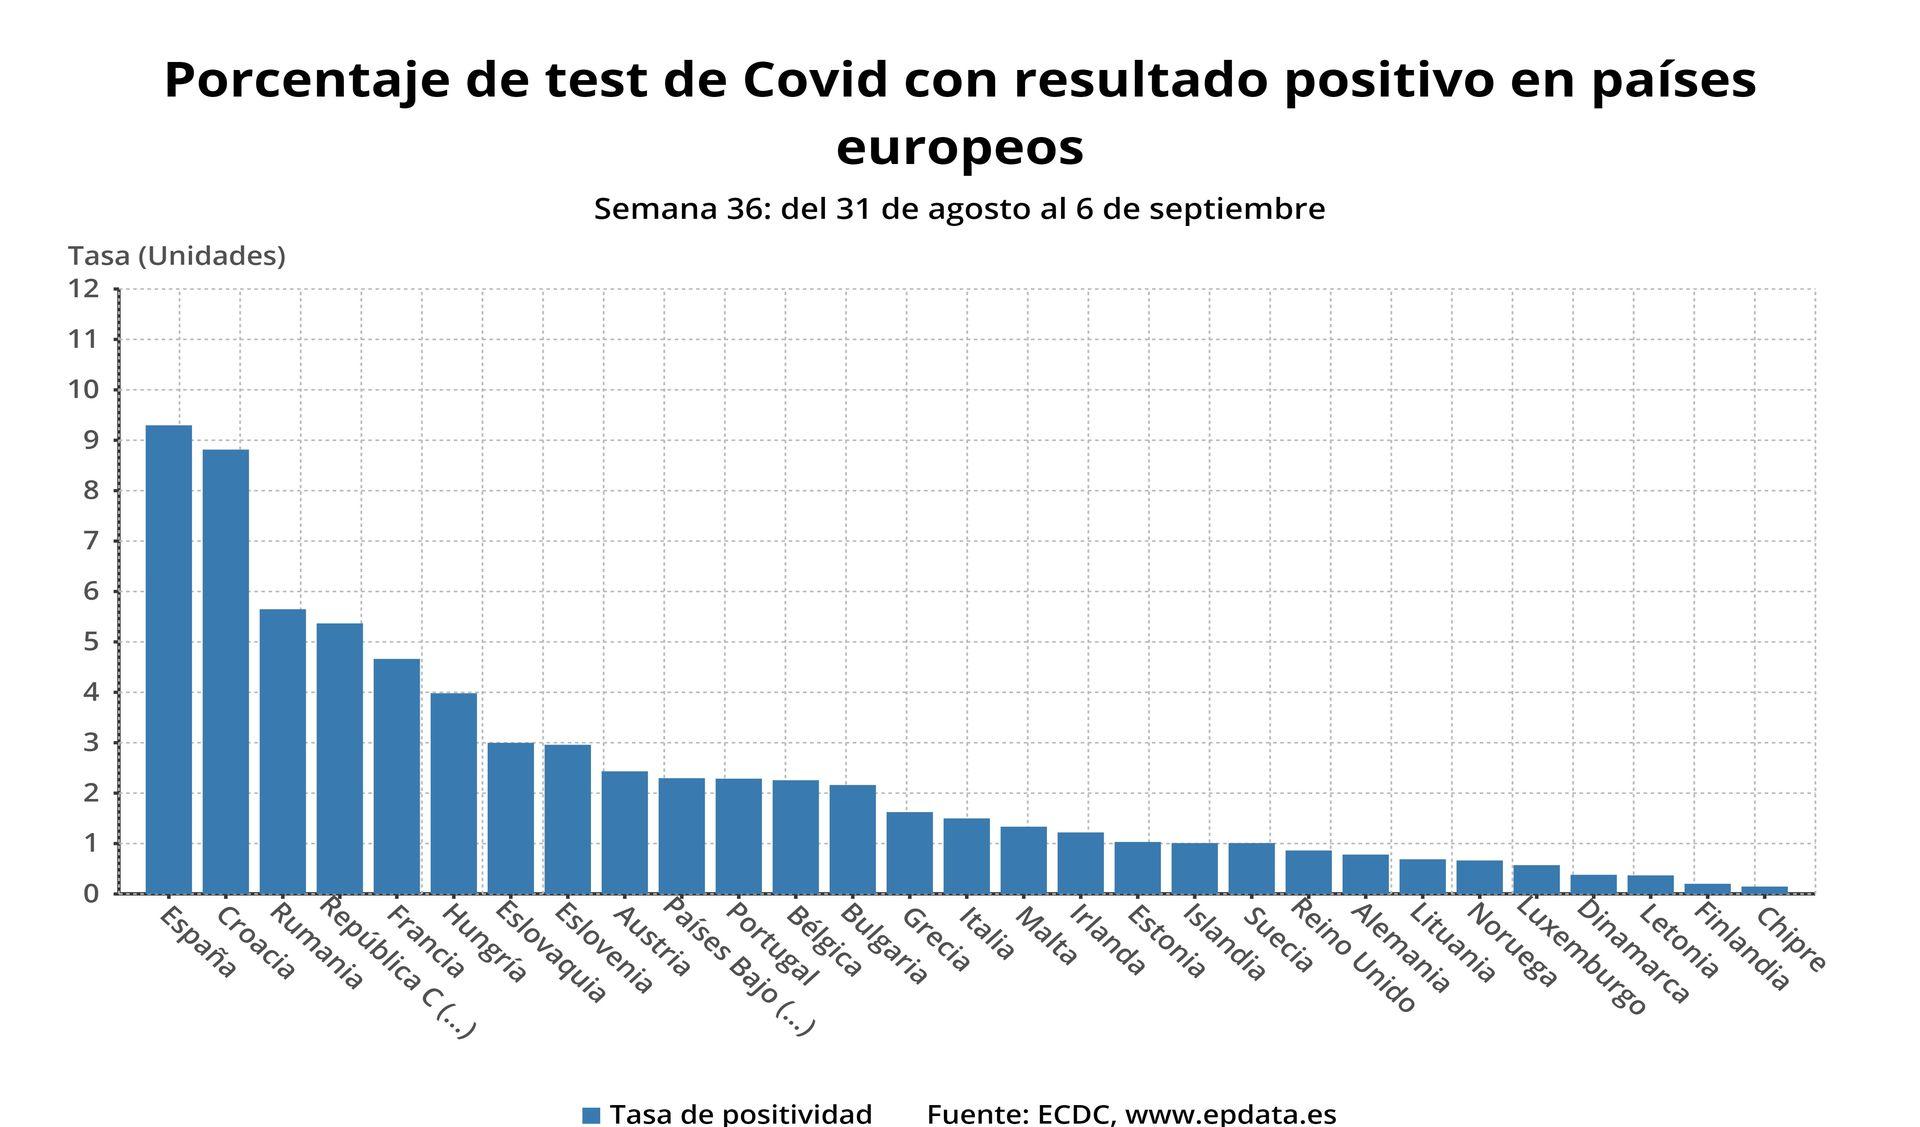 europa-press-porcentajedetestdecovid-sept-2020.jpg